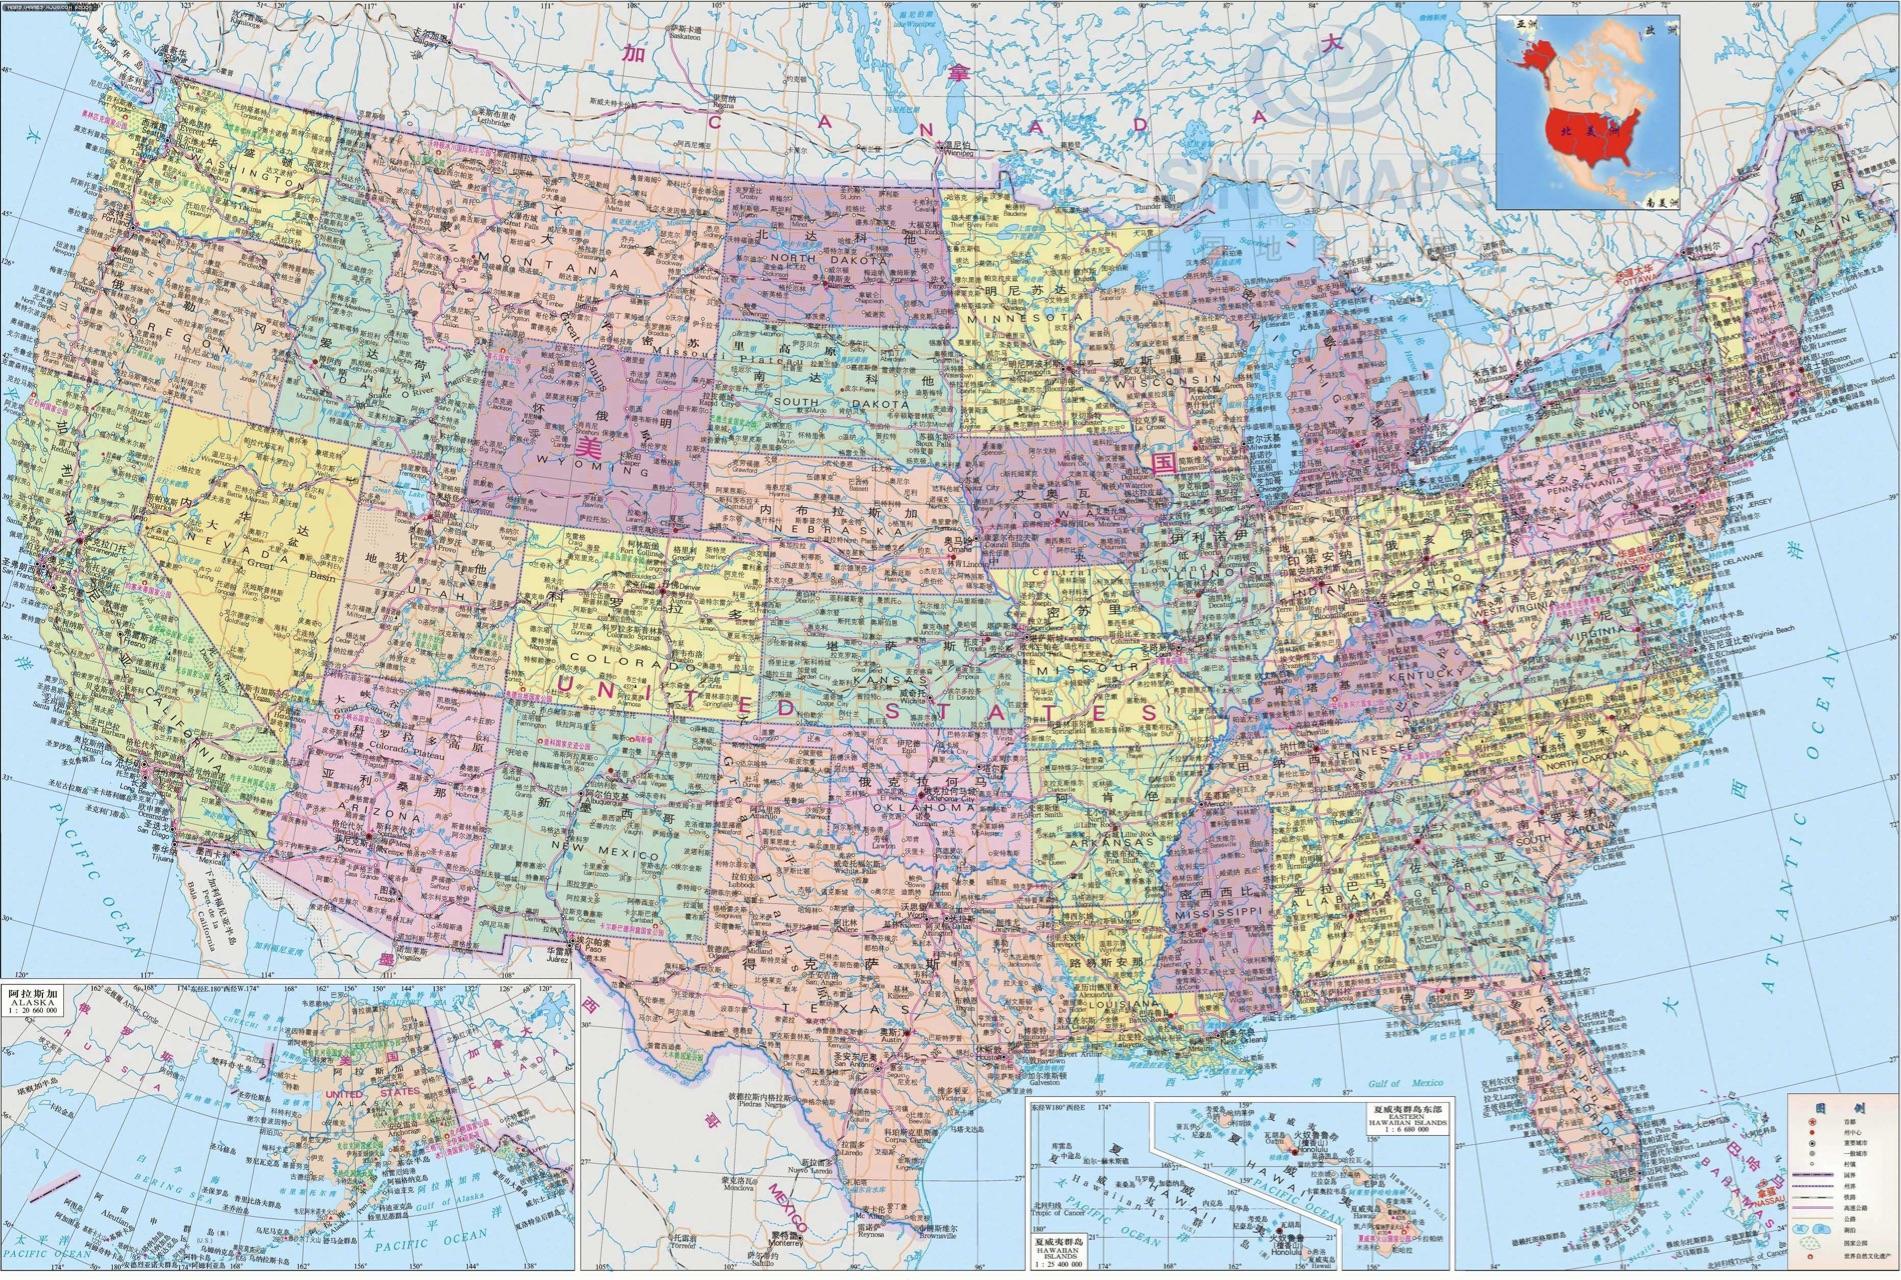 高清地图整理 | 世界地图,各国行政区划图(俄罗斯,加拿大,中国,美国,巴西,澳大利亚,德国,法国…)